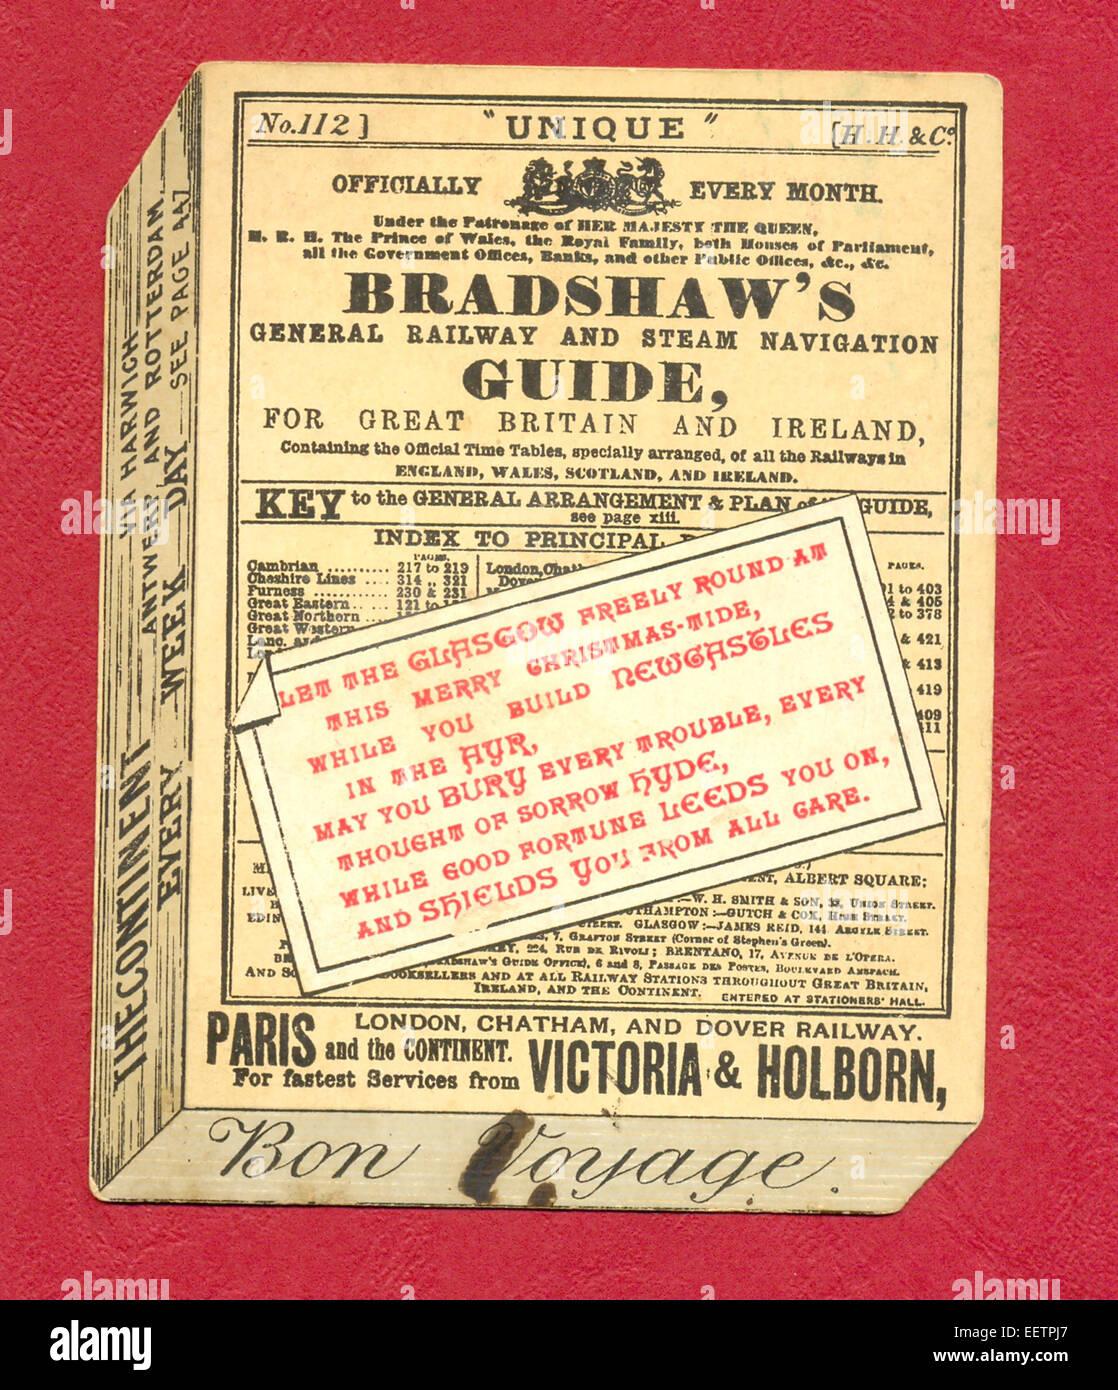 Victorian carte de vœux en tant que général Bradshaw et chemins de navigation à vapeur Guide pour la Grande-Bretagne et l'Irlande vers 1885 Banque D'Images